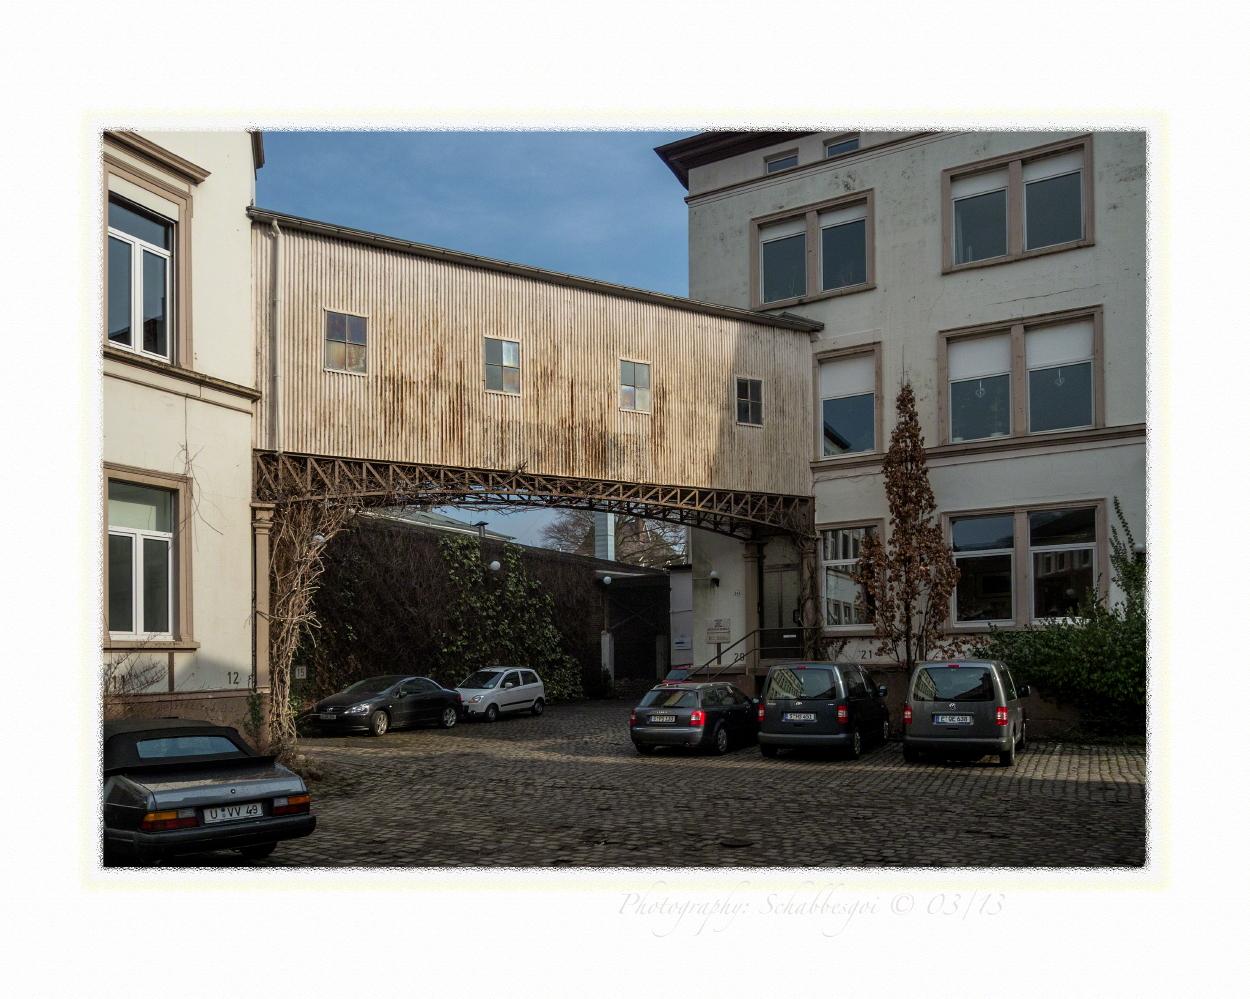 Wuppertal - Gesichter einer Stadt ( 231 )